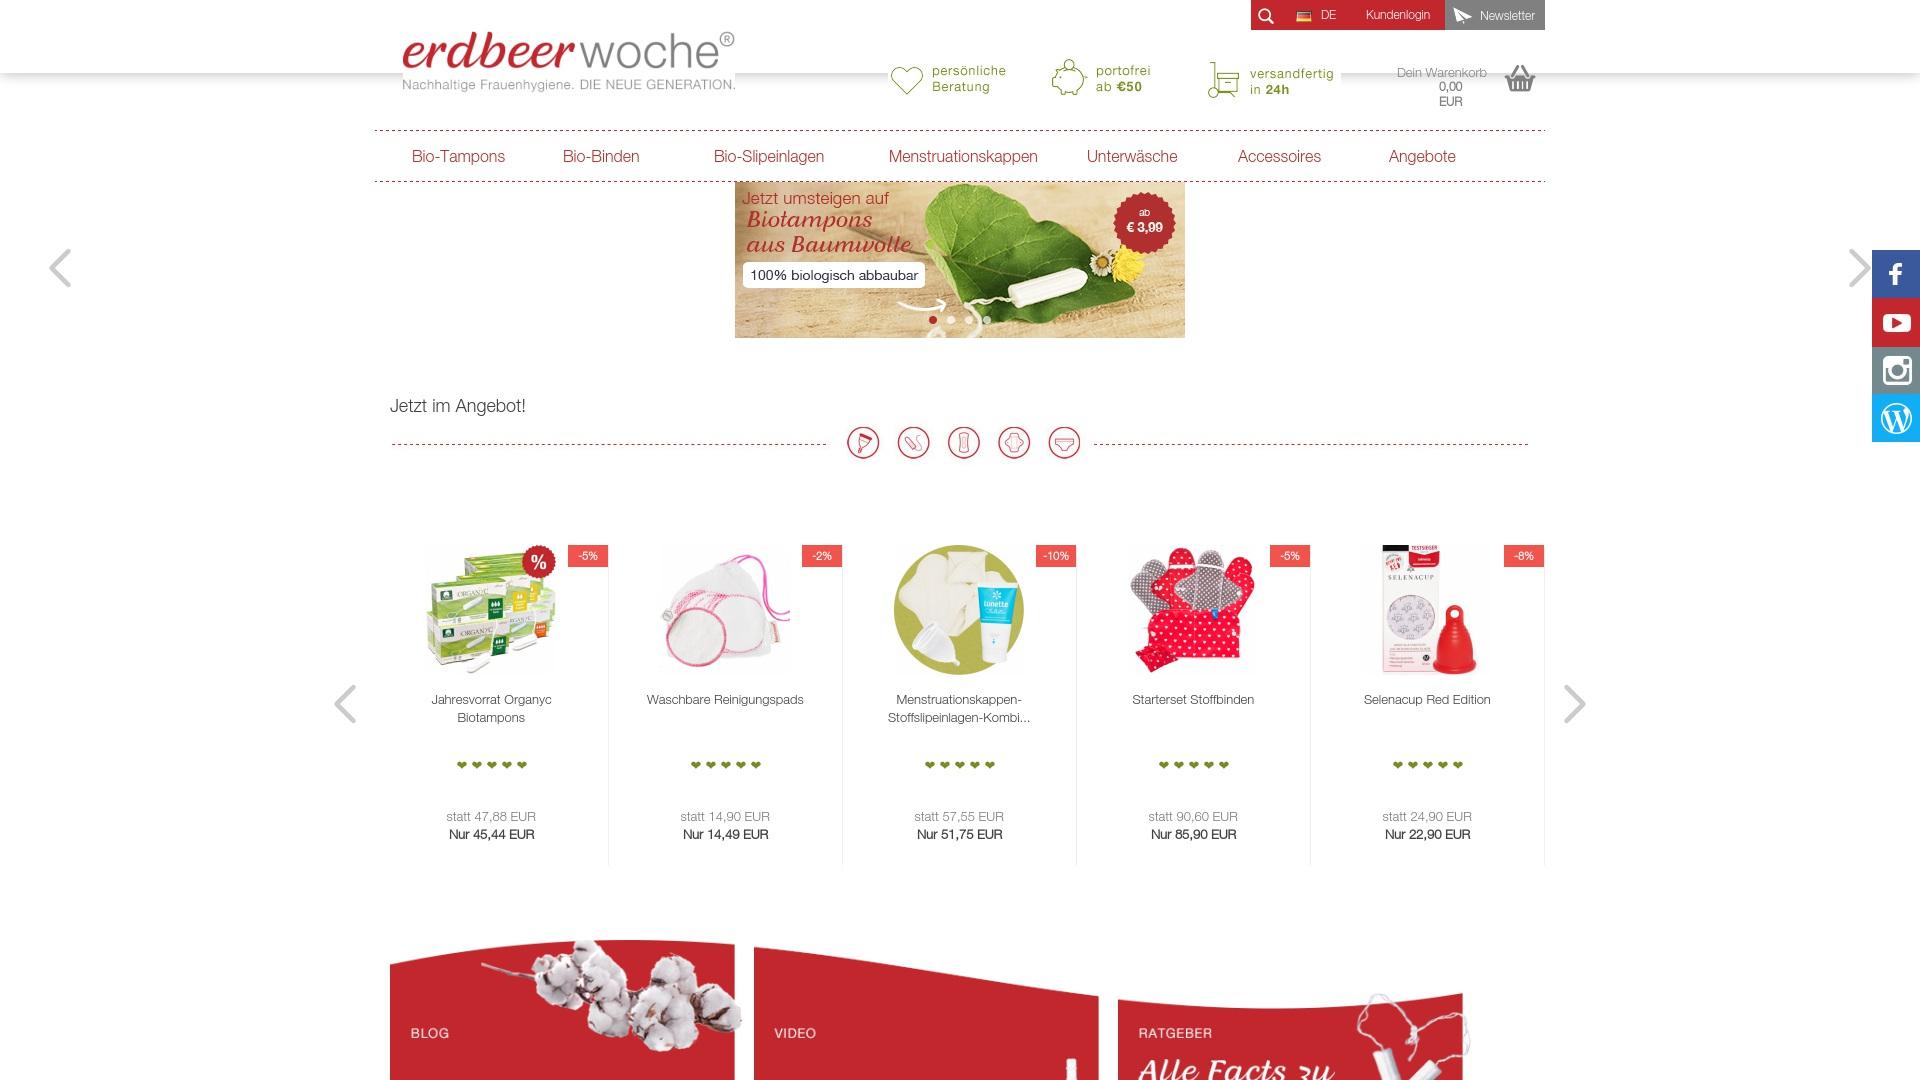 Gutschein für Erdbeerwoche-shop: Rabatte für  Erdbeerwoche-shop sichern